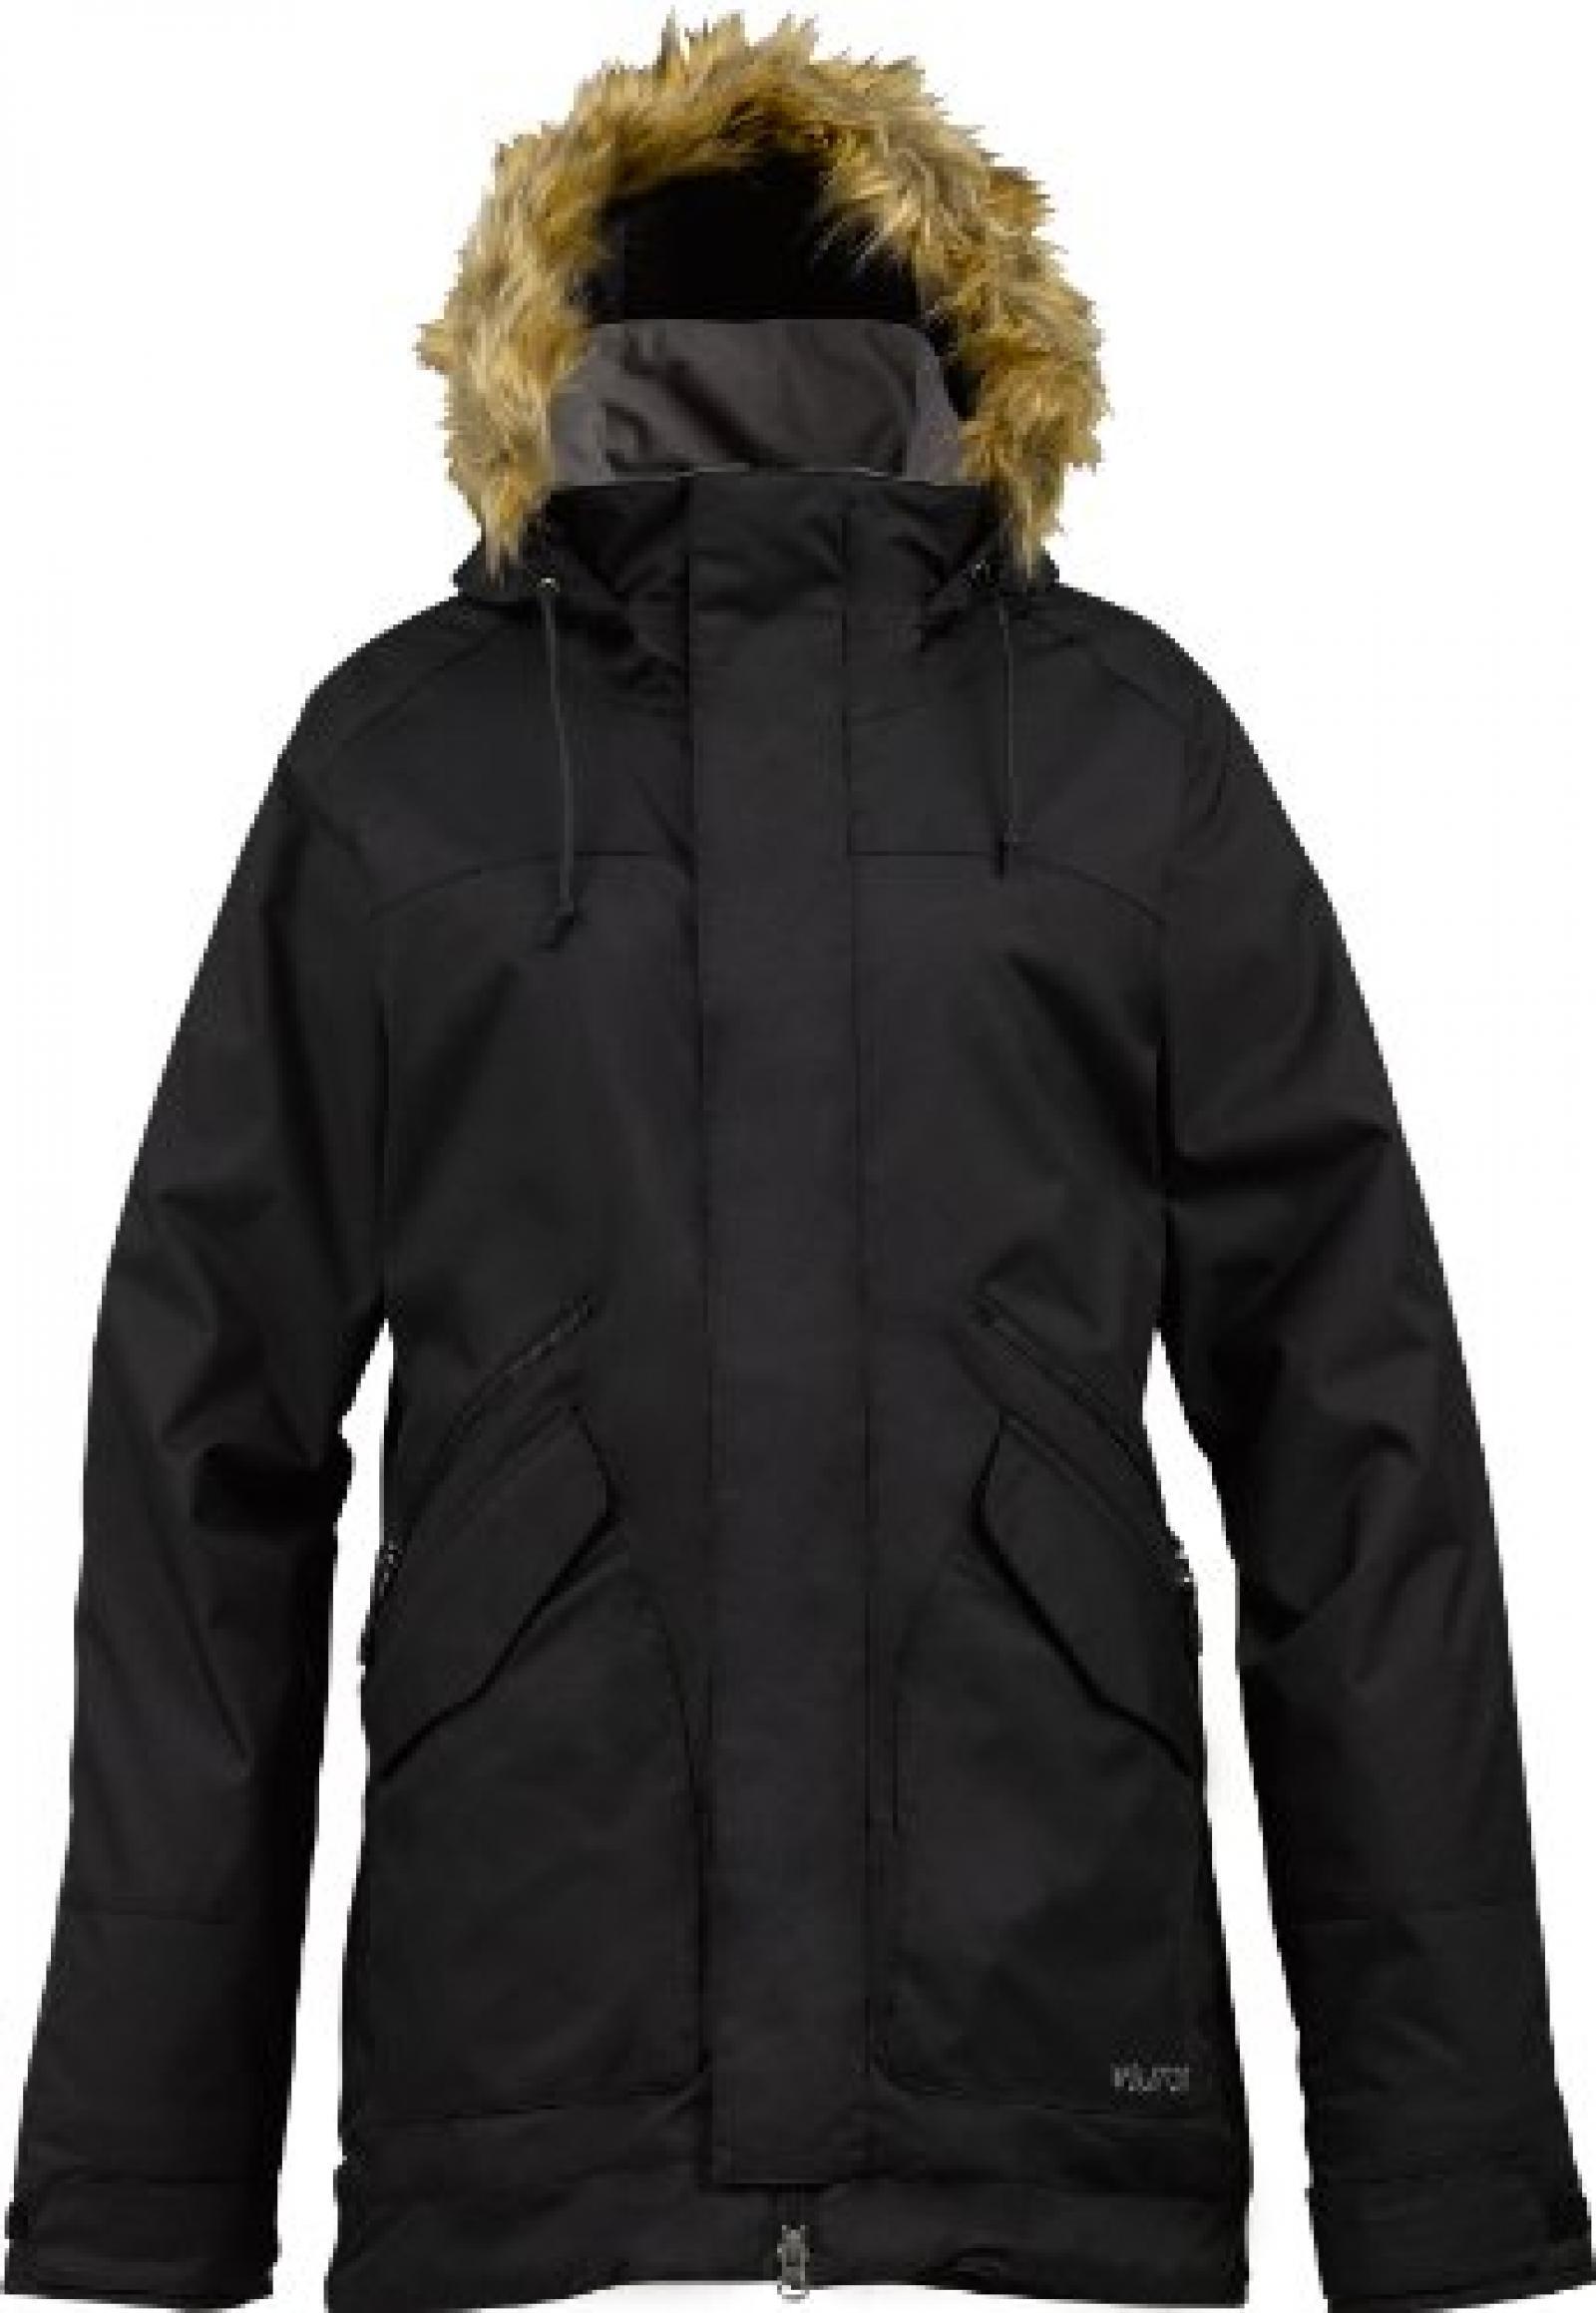 Burton Damen Snowboardjacke Womens TWC Wanderlust Jacket